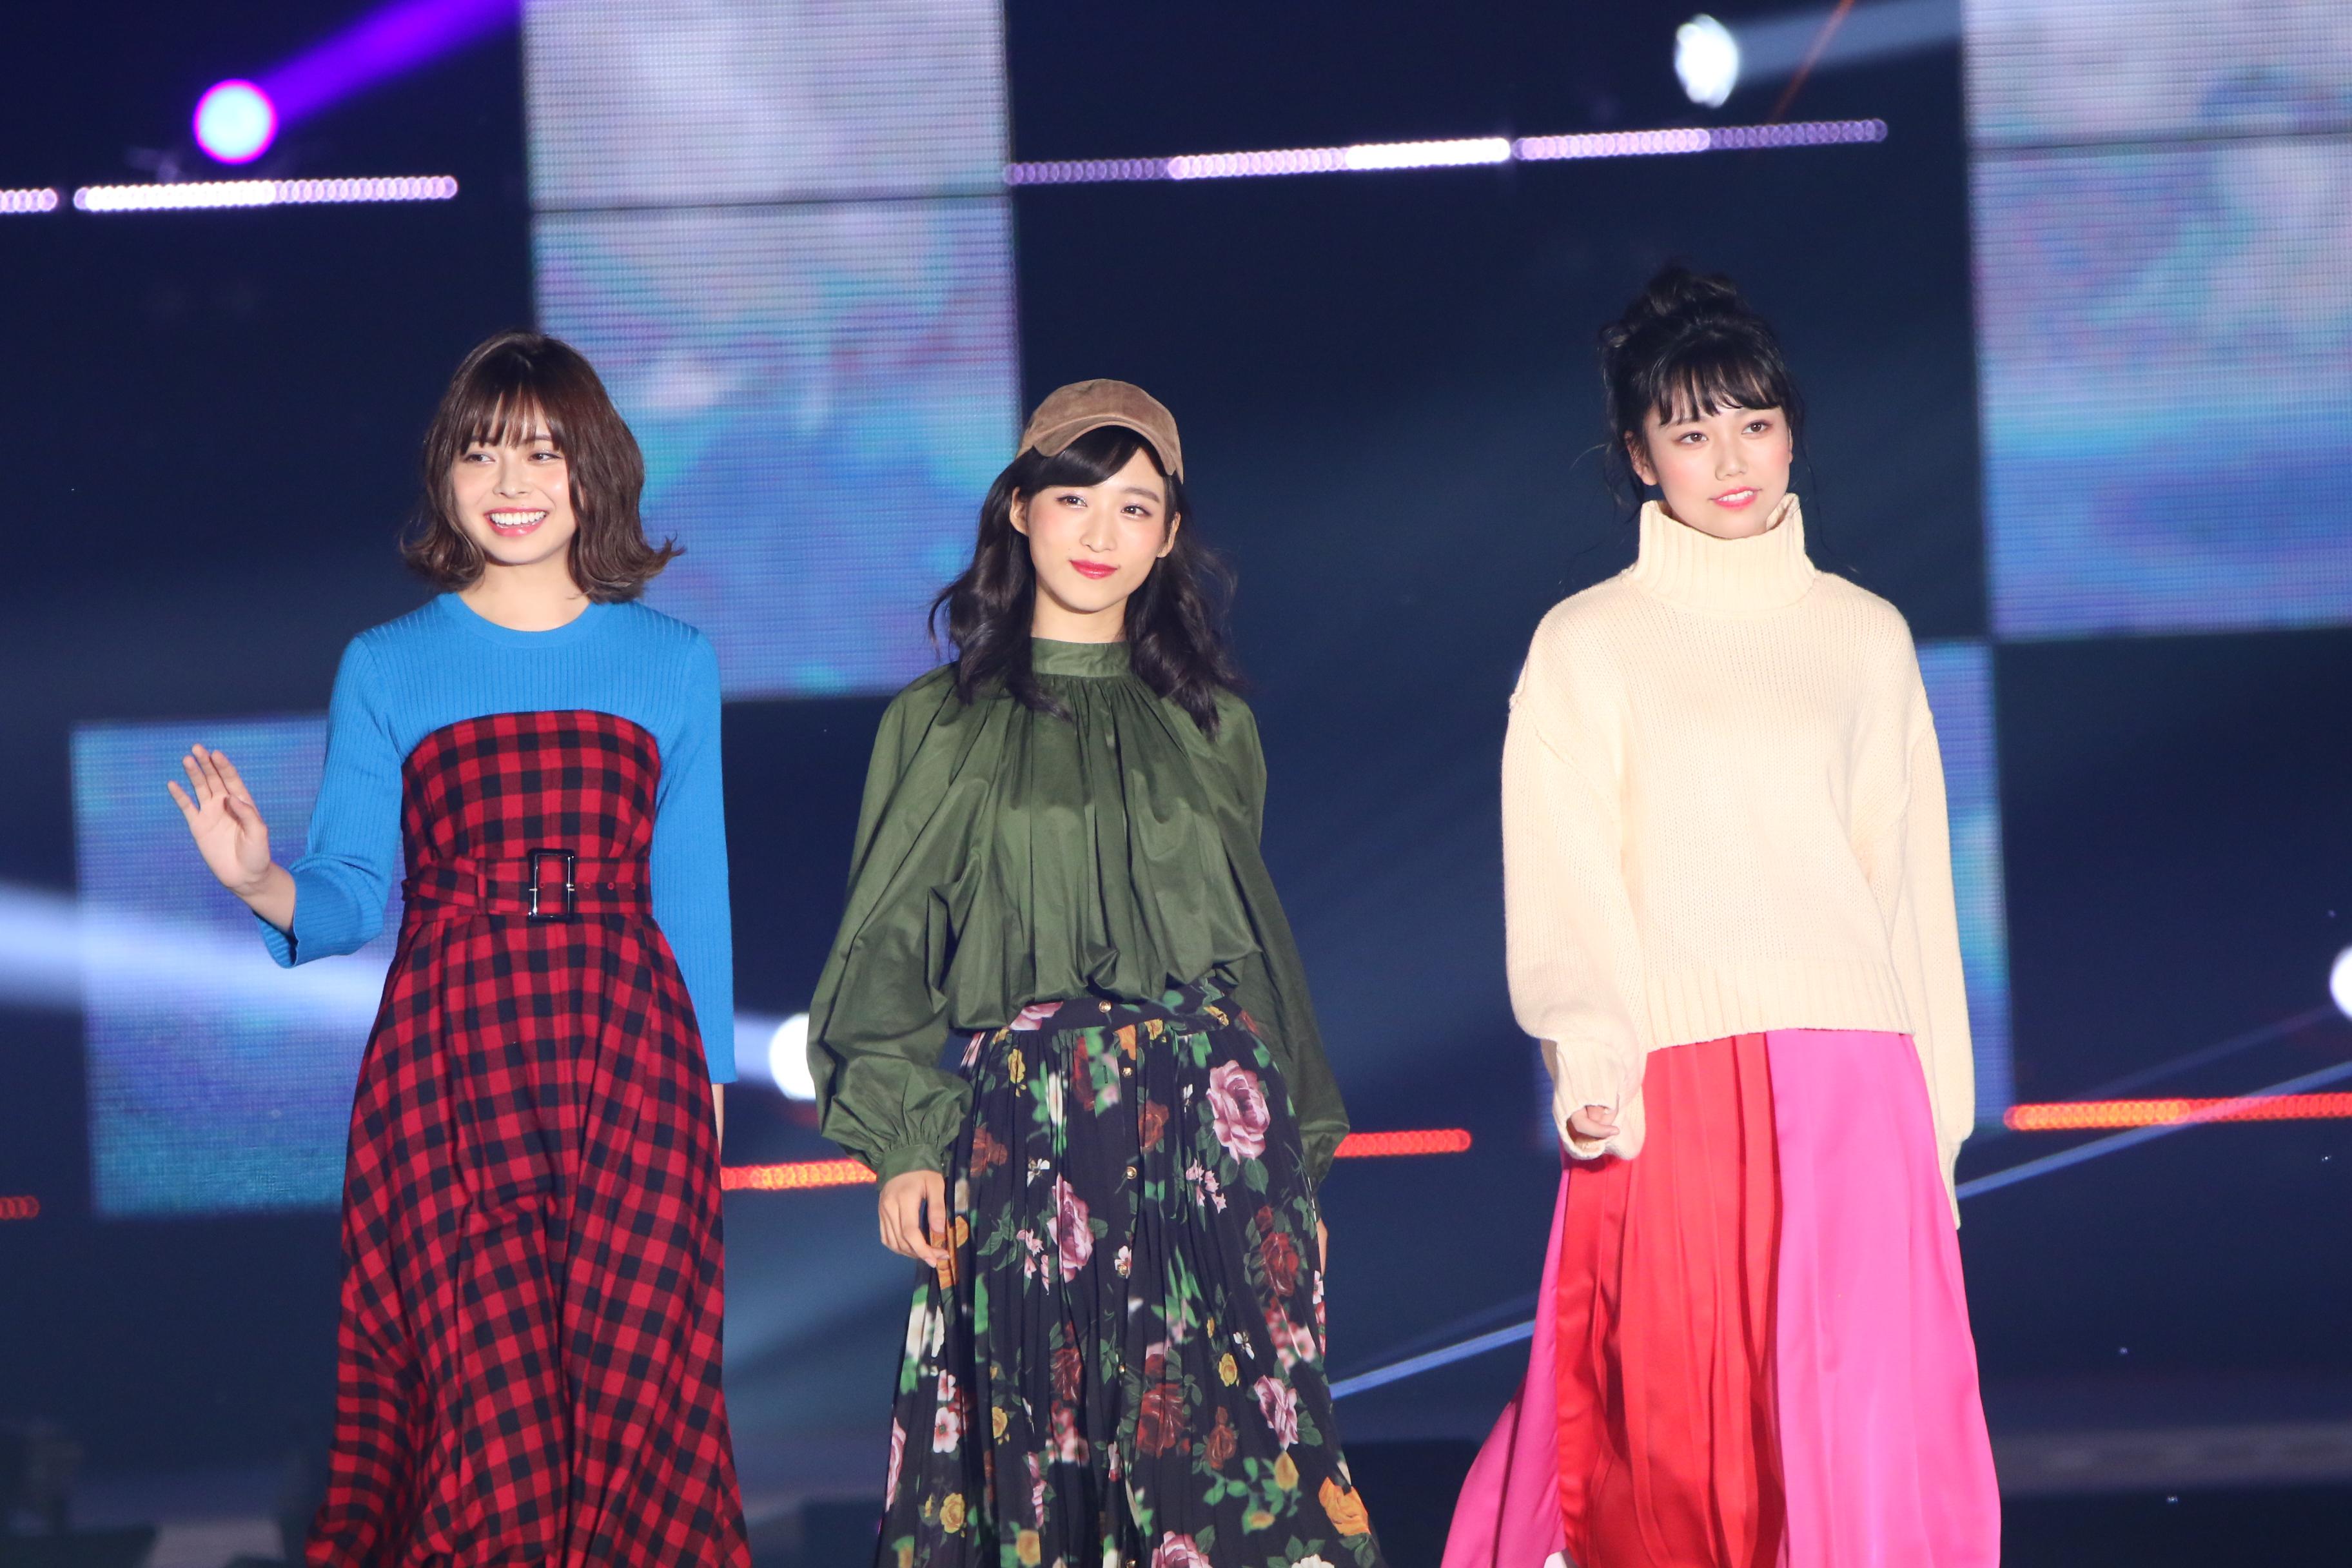 楽天ガールズアワード2018での人見古都音(左)(2018年9月)